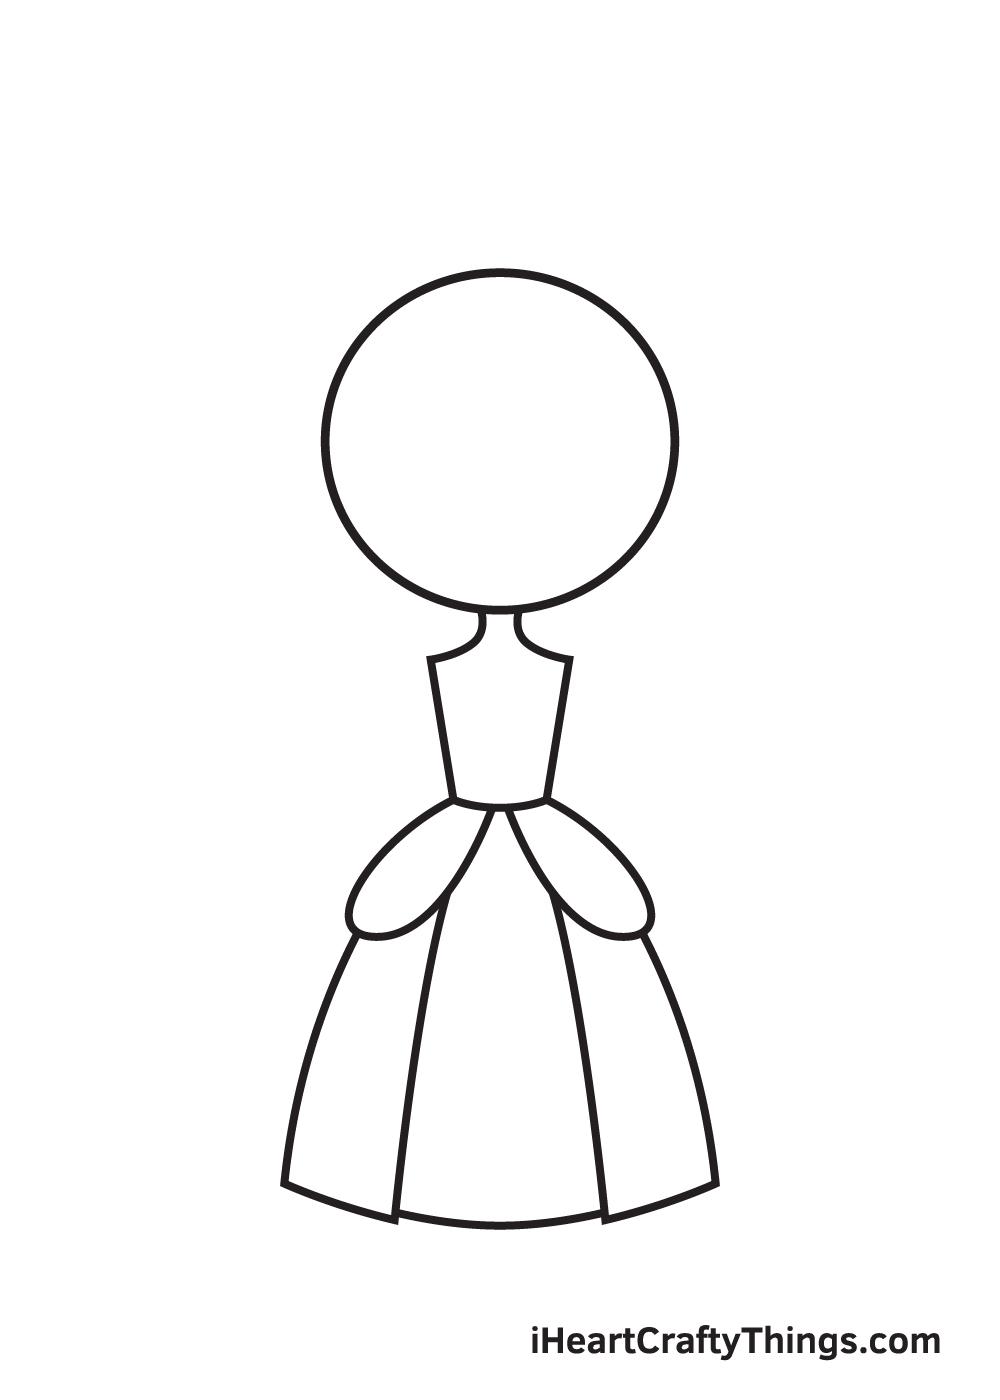 Vẽ công chúa - Bước 4